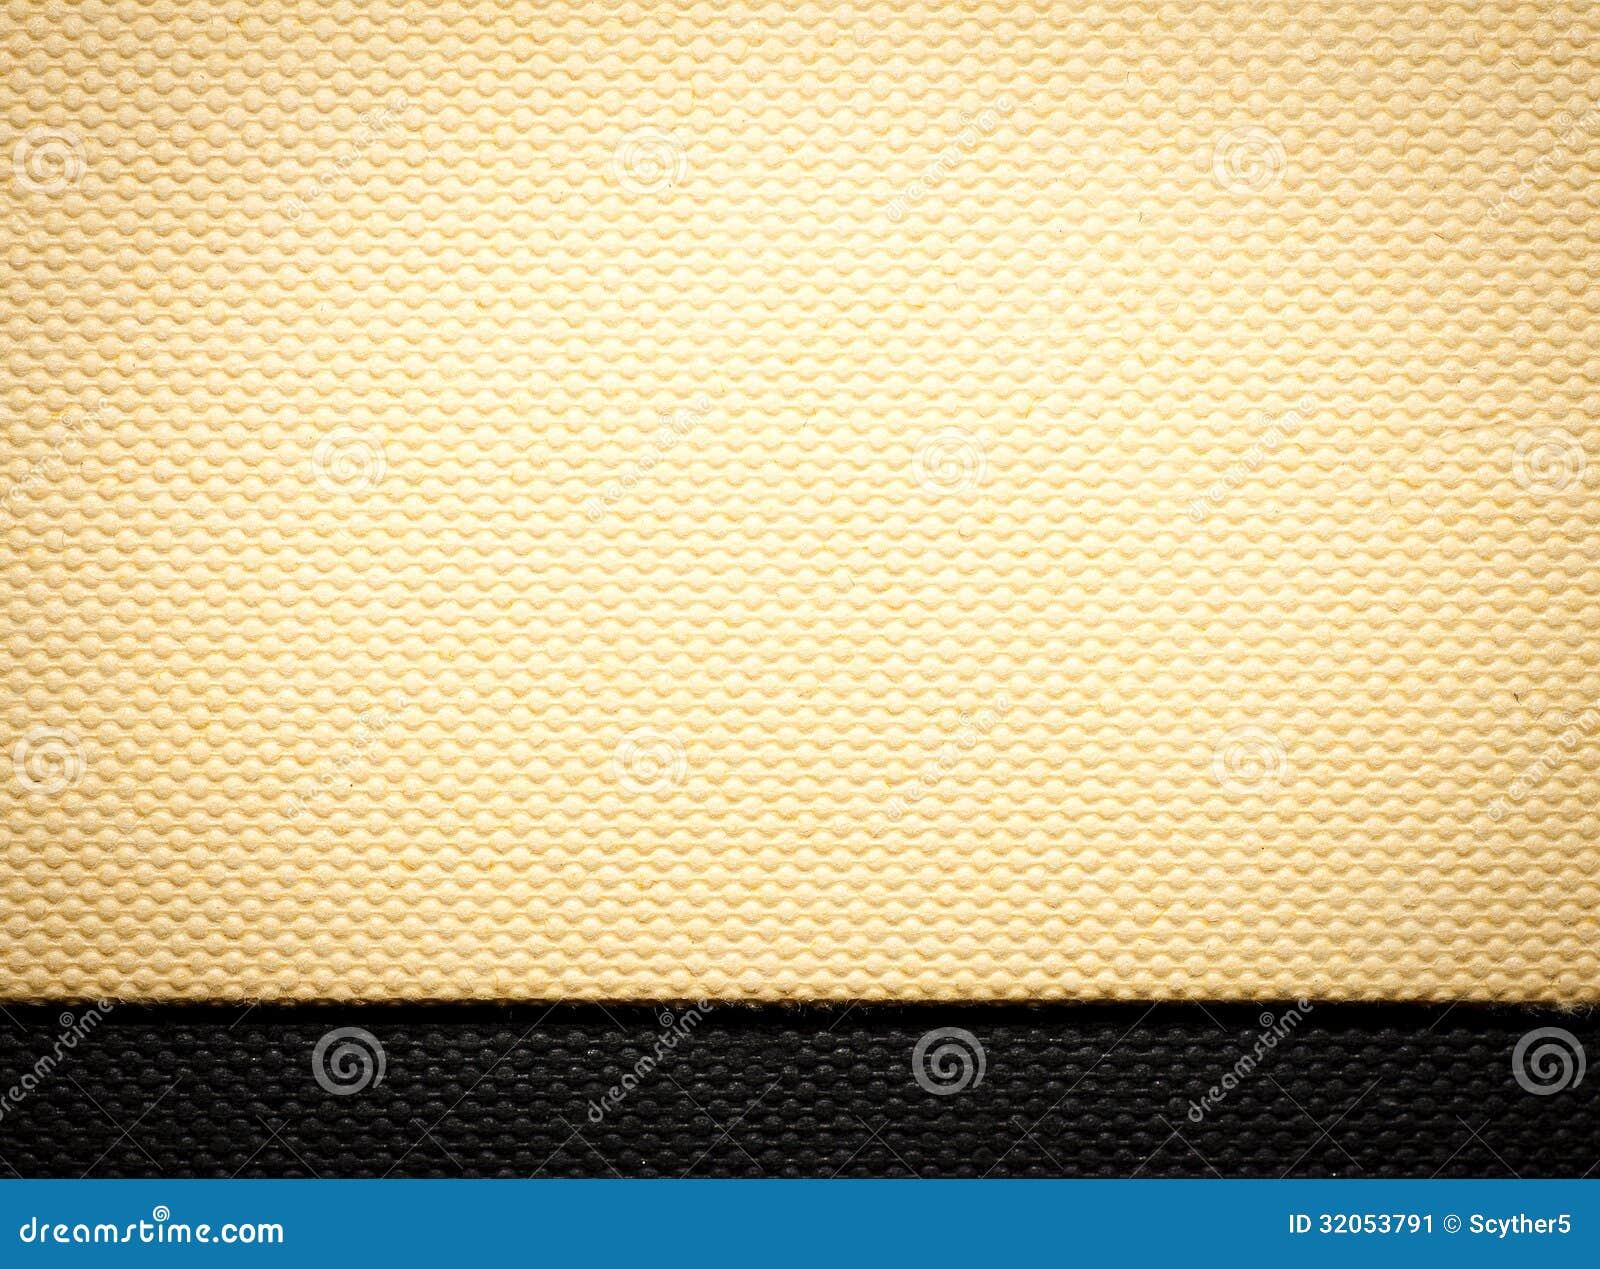 textura material del fondo de la tela de lujo imagen de irish clip art gifs iris clip art black and white